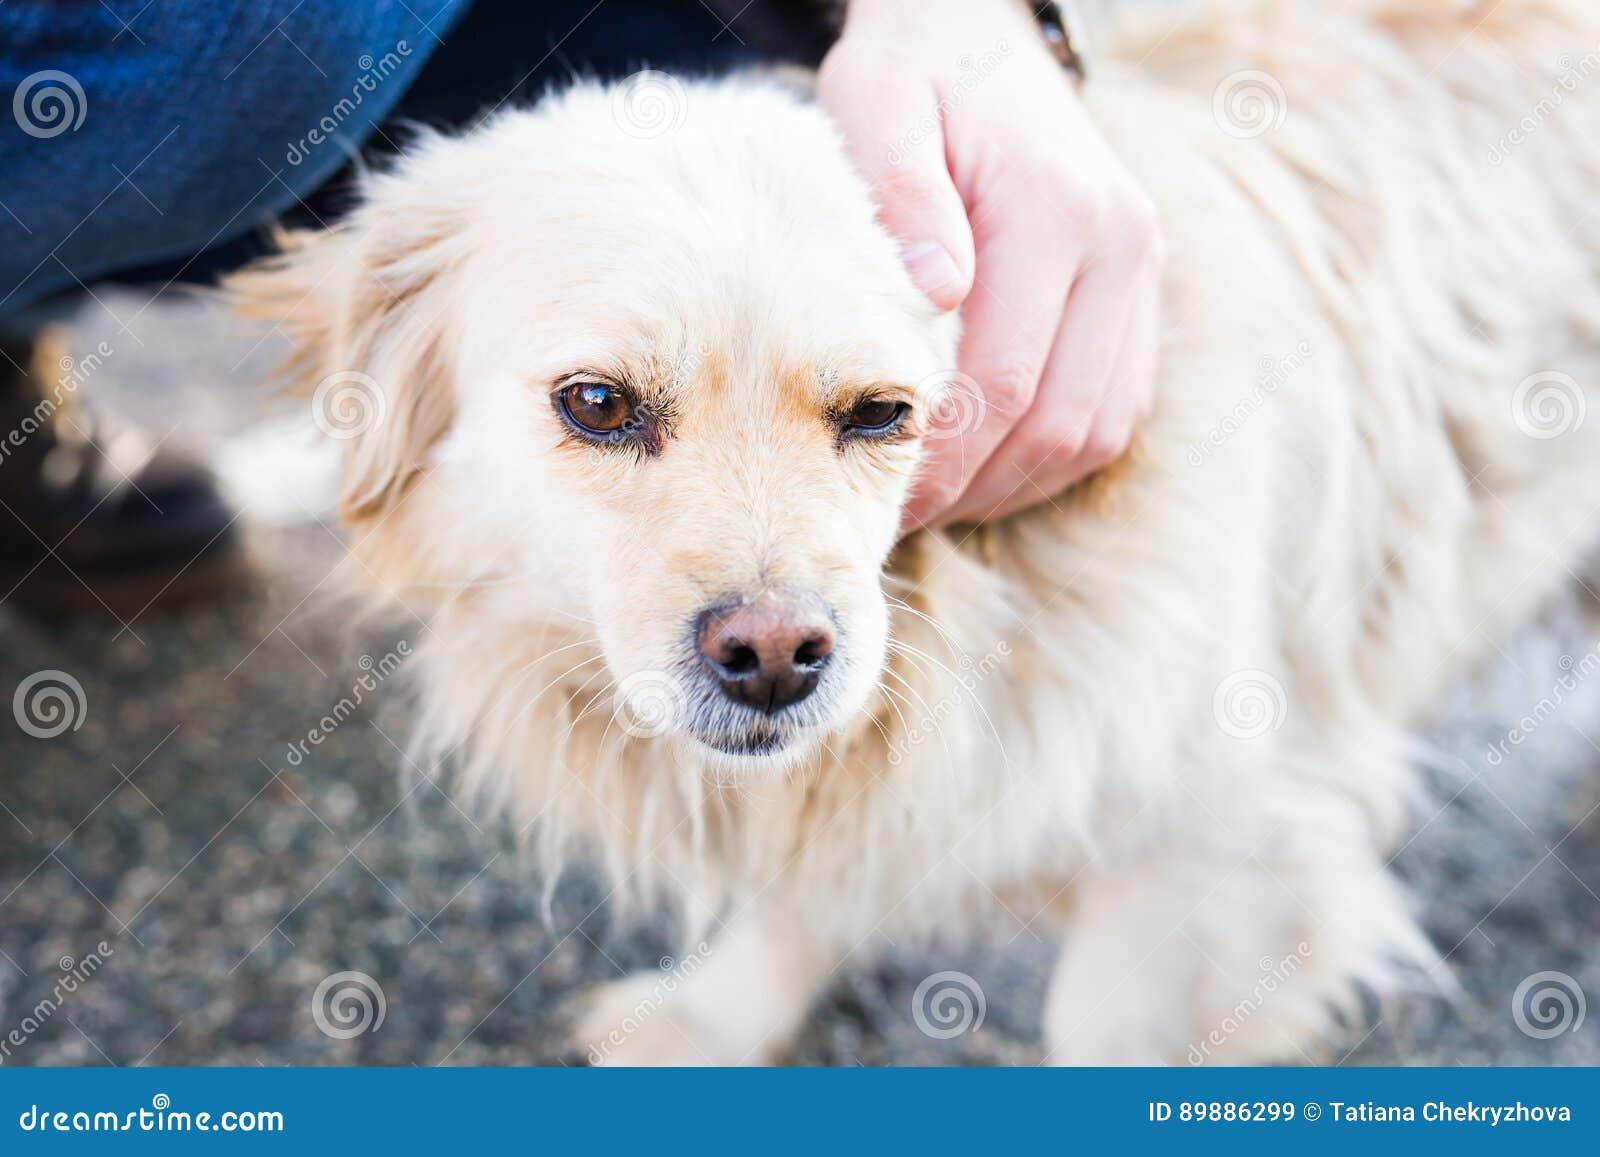 Dueño que acaricia suavemente su perro